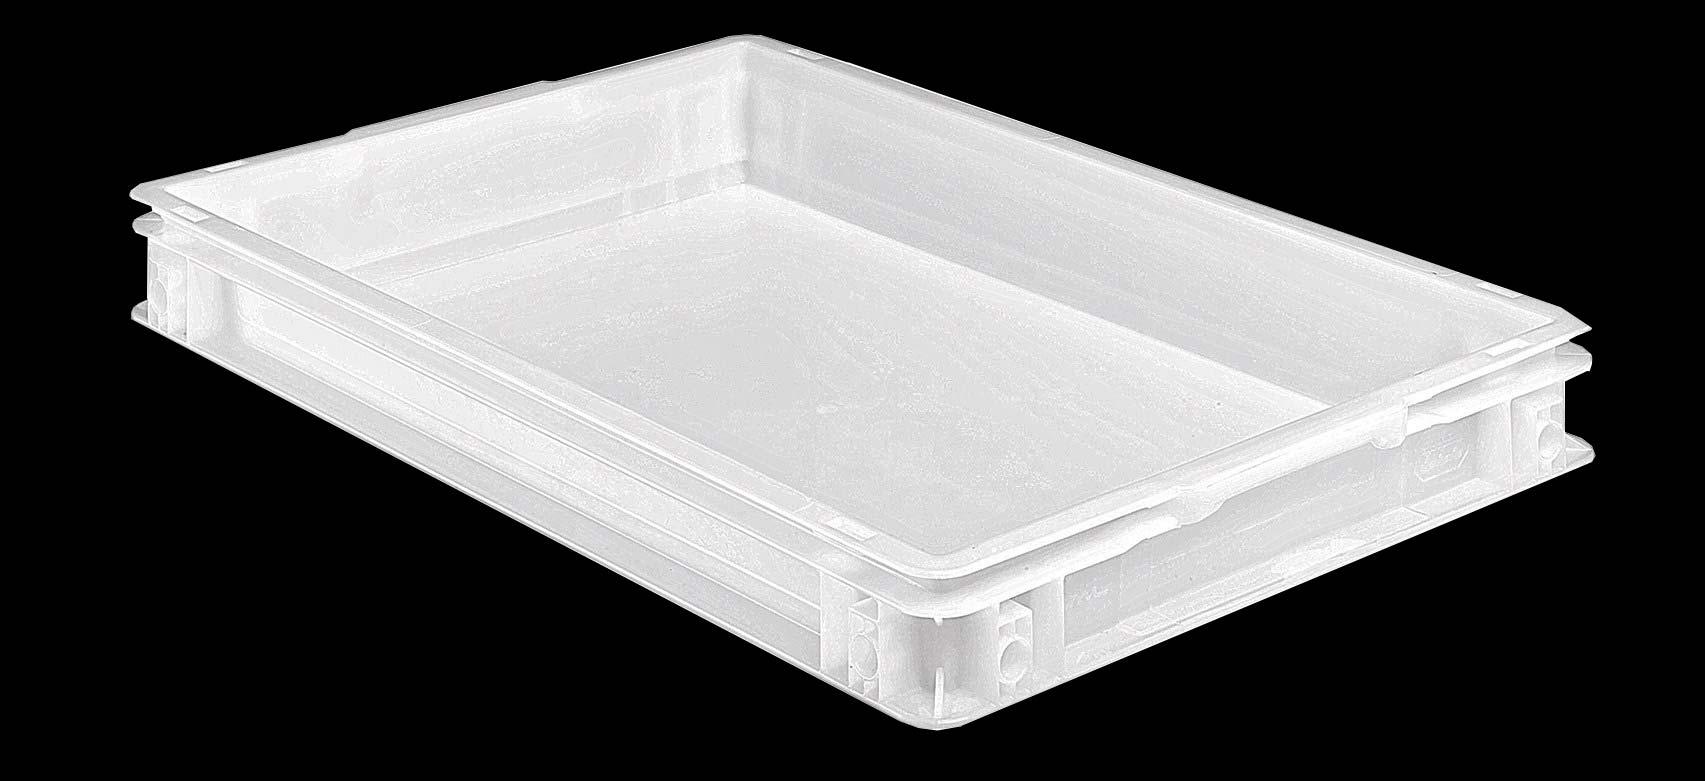 SETAM Caisse alimentaire plastique blanc 10 litres